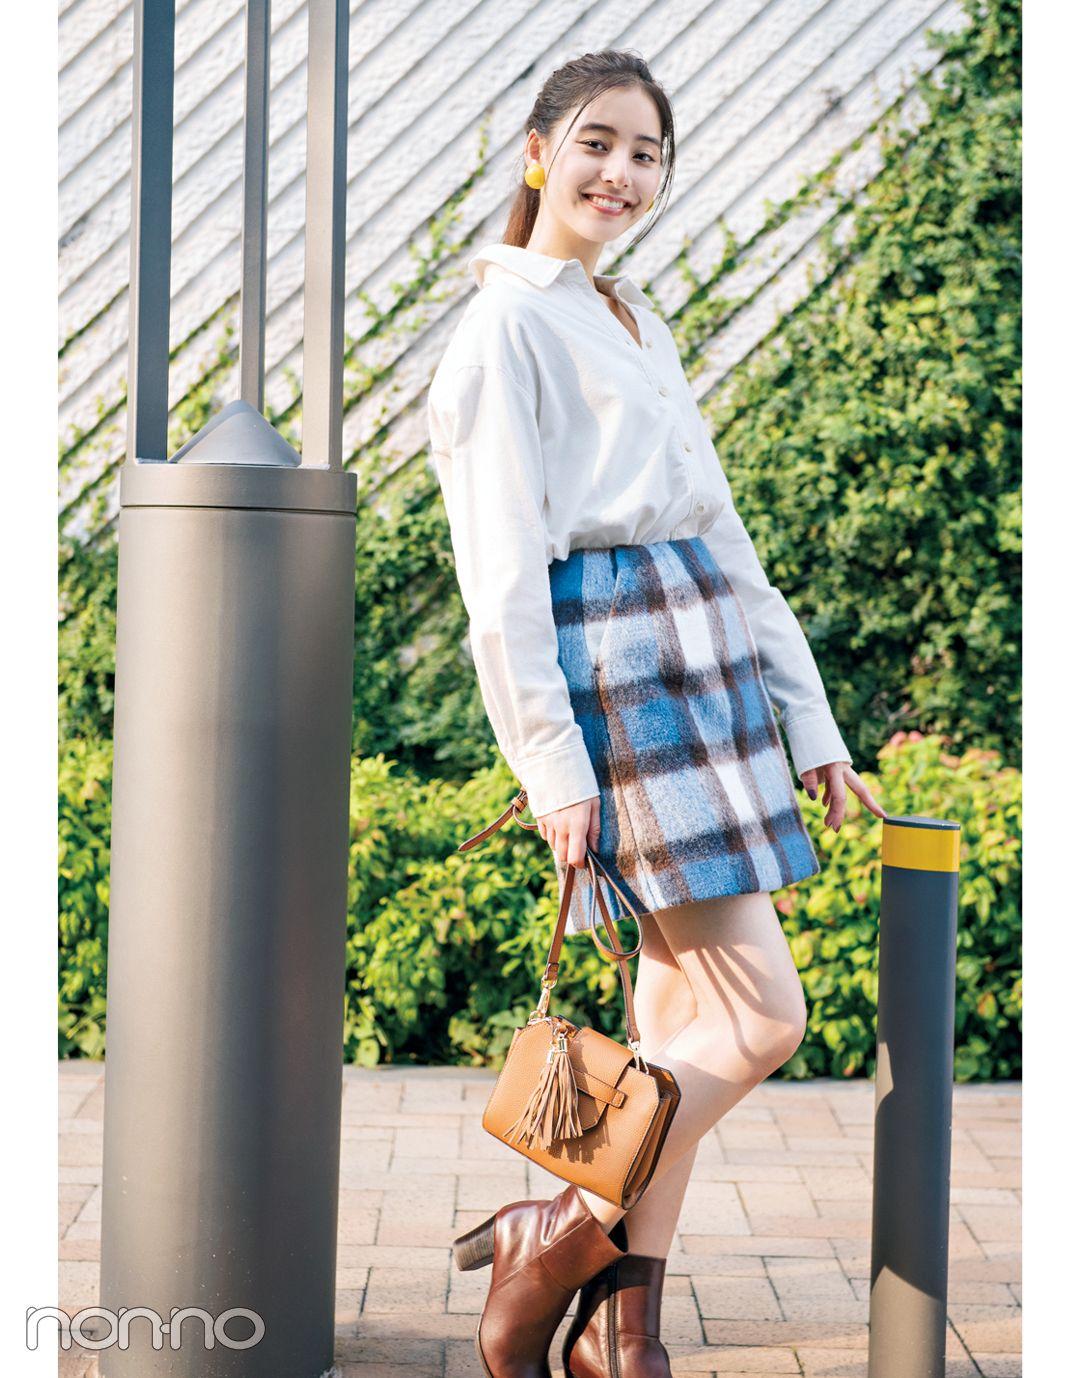 新木優子さんミニスカート画像4